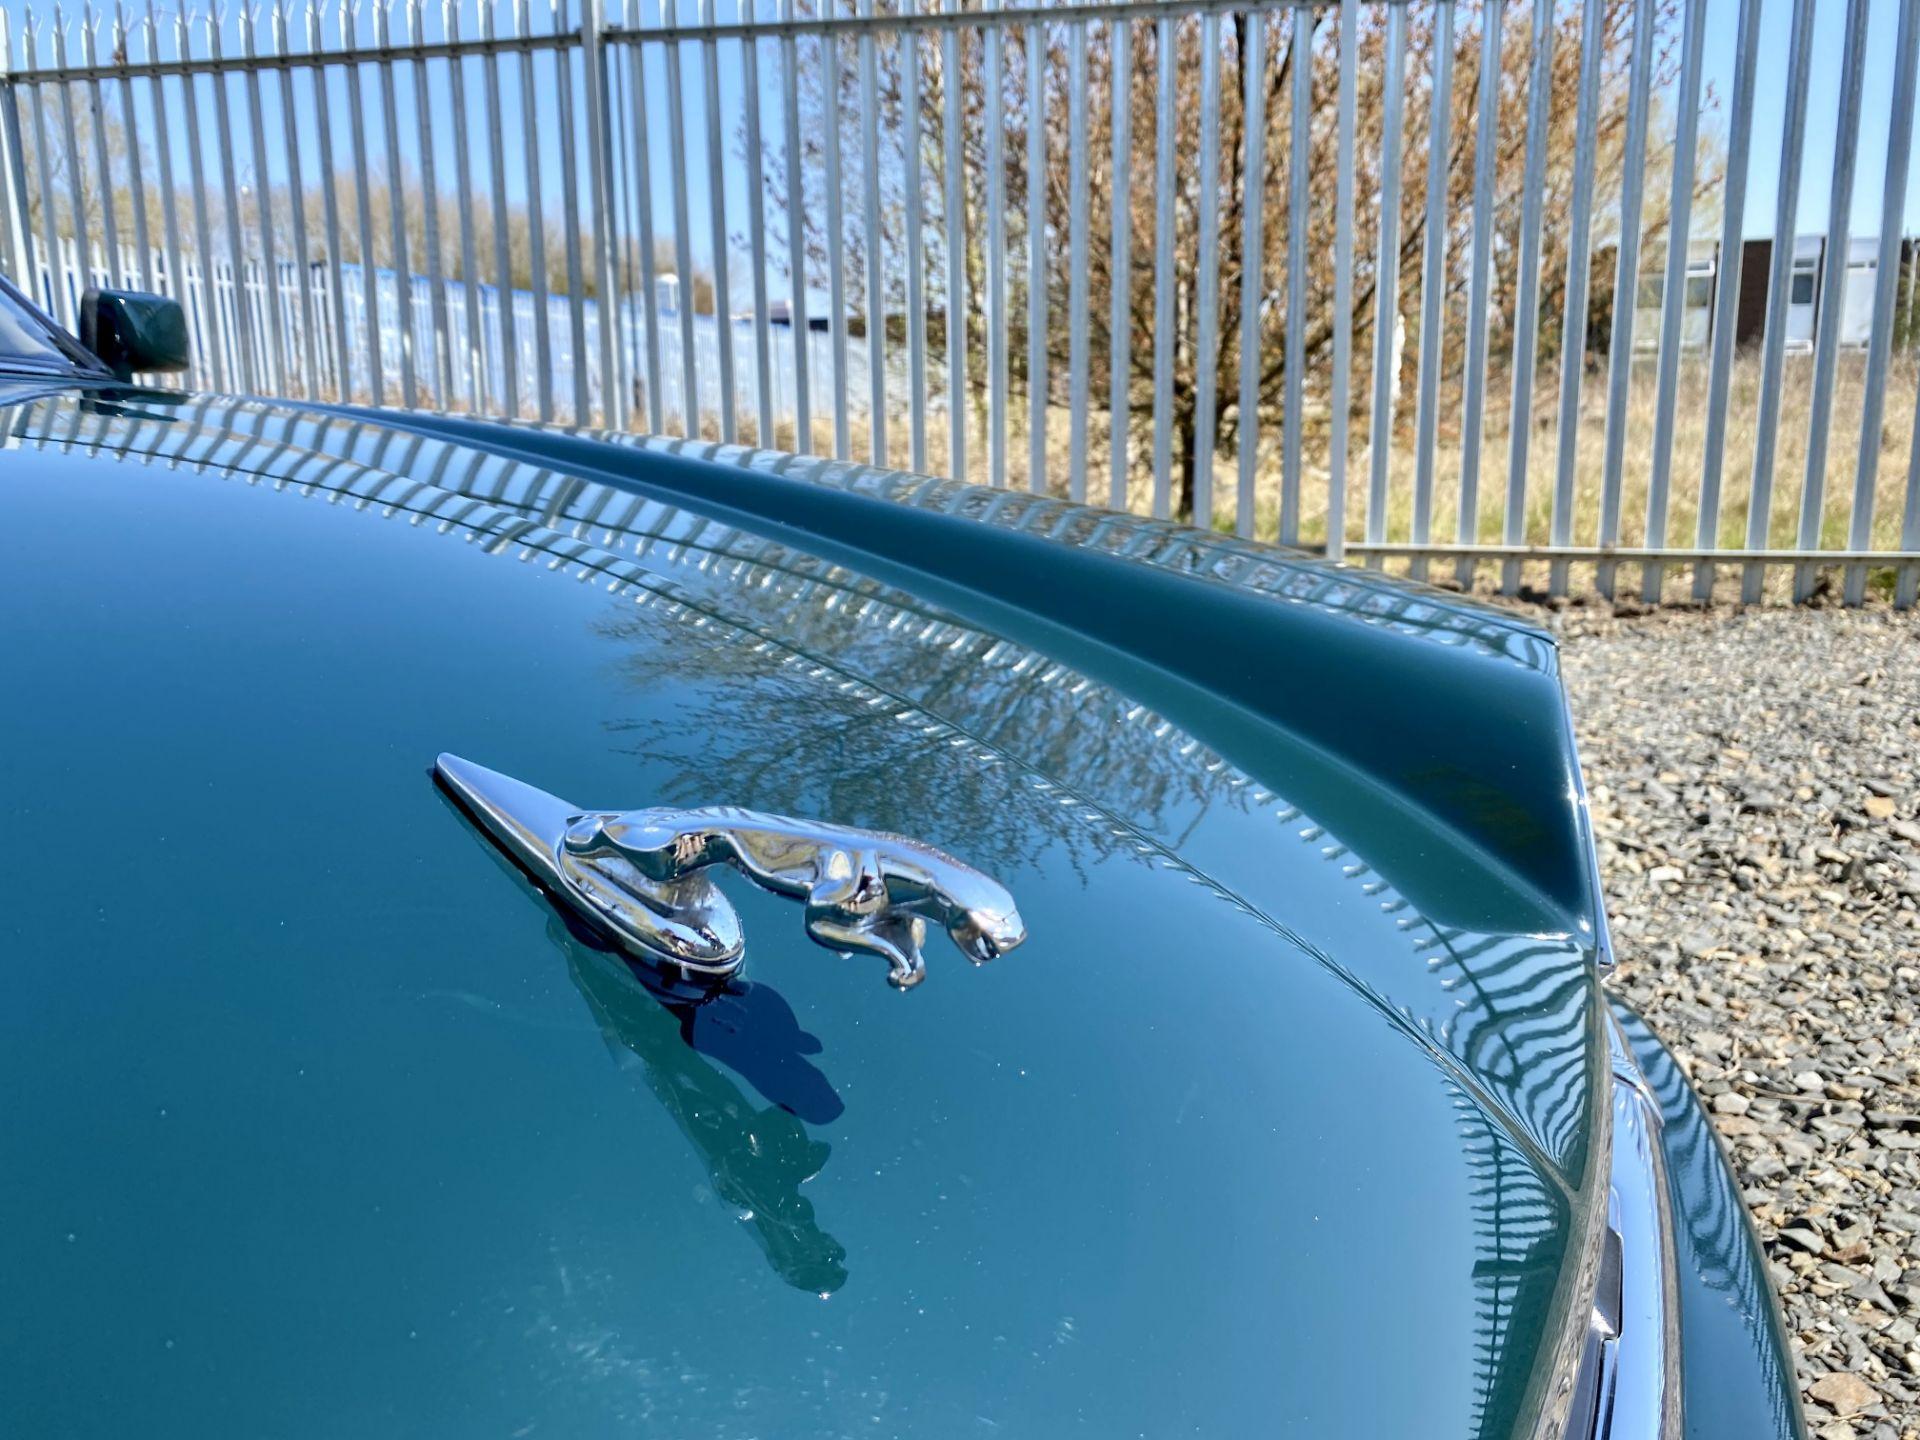 Jaguar XJS coupe - Image 38 of 64